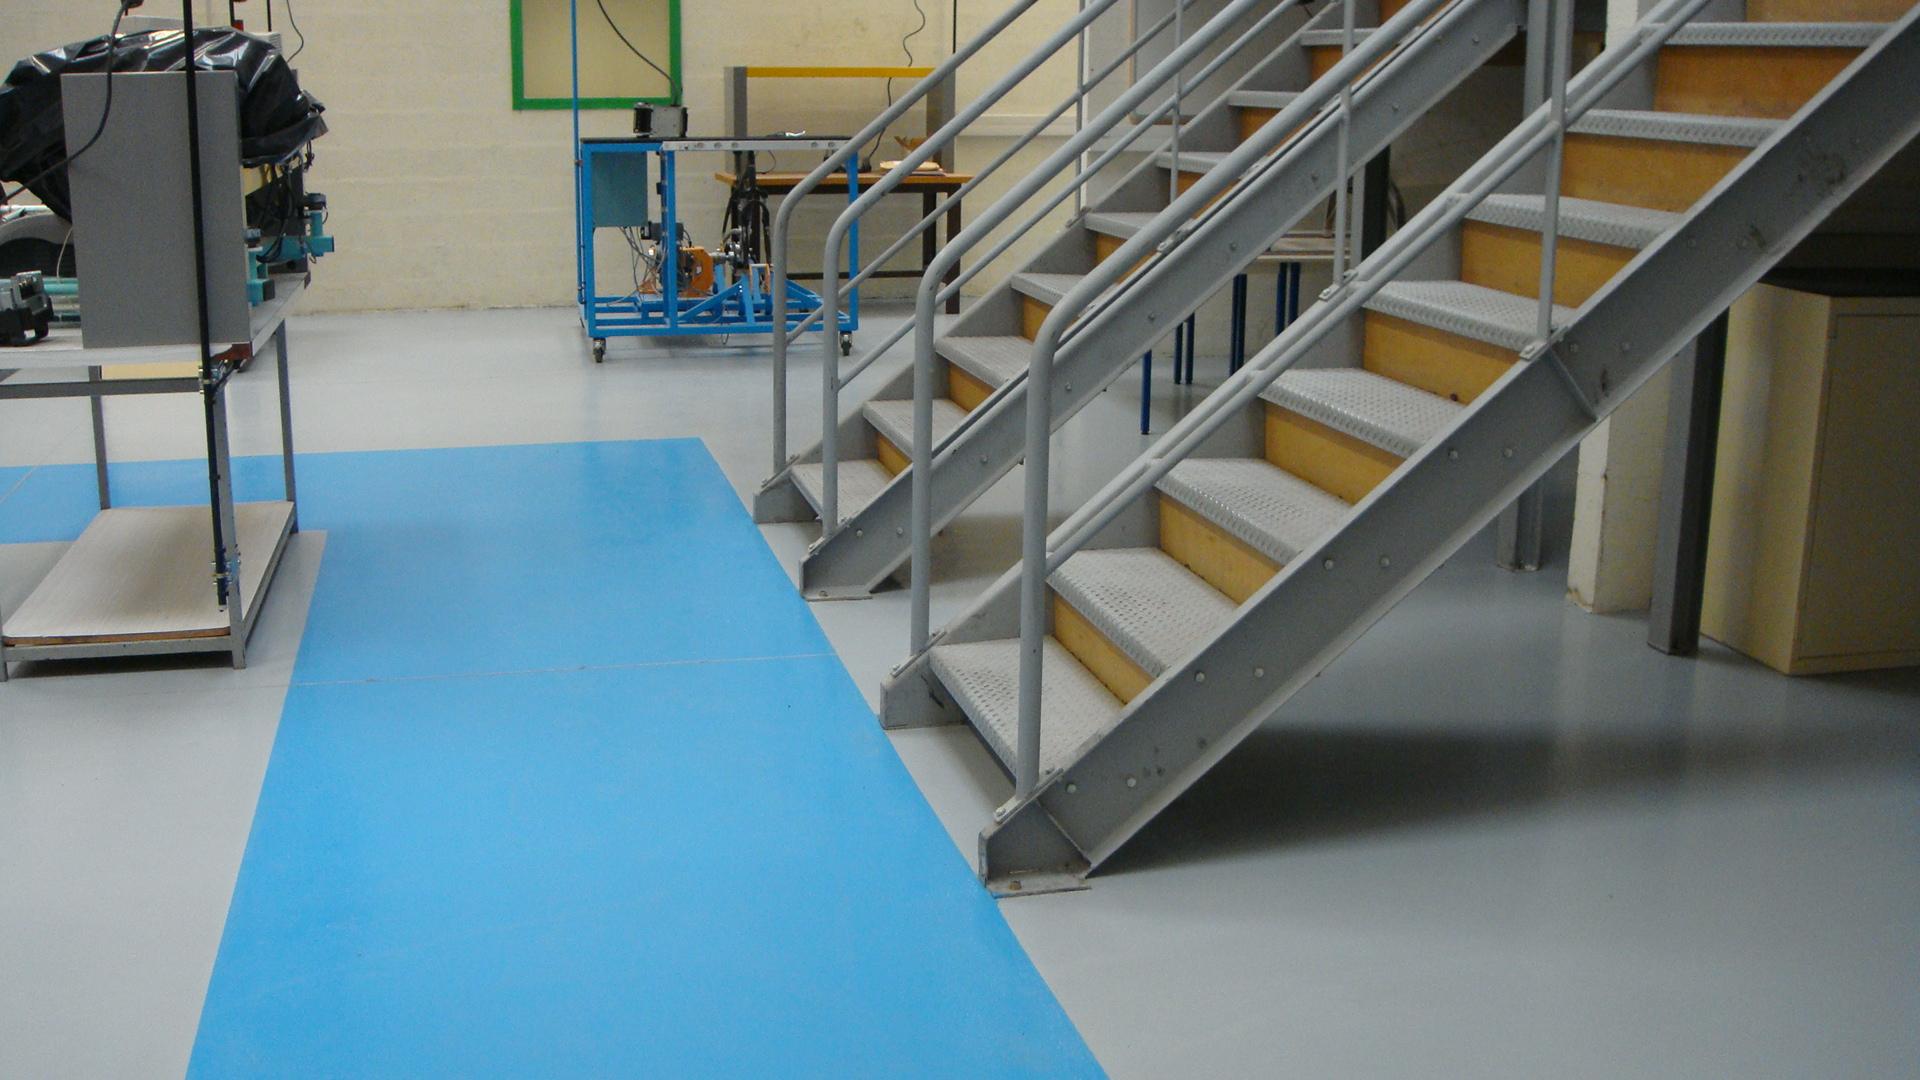 Revetement De Sol Pour Garage revêtement de sol pour garage et industrie, semi lisse, en